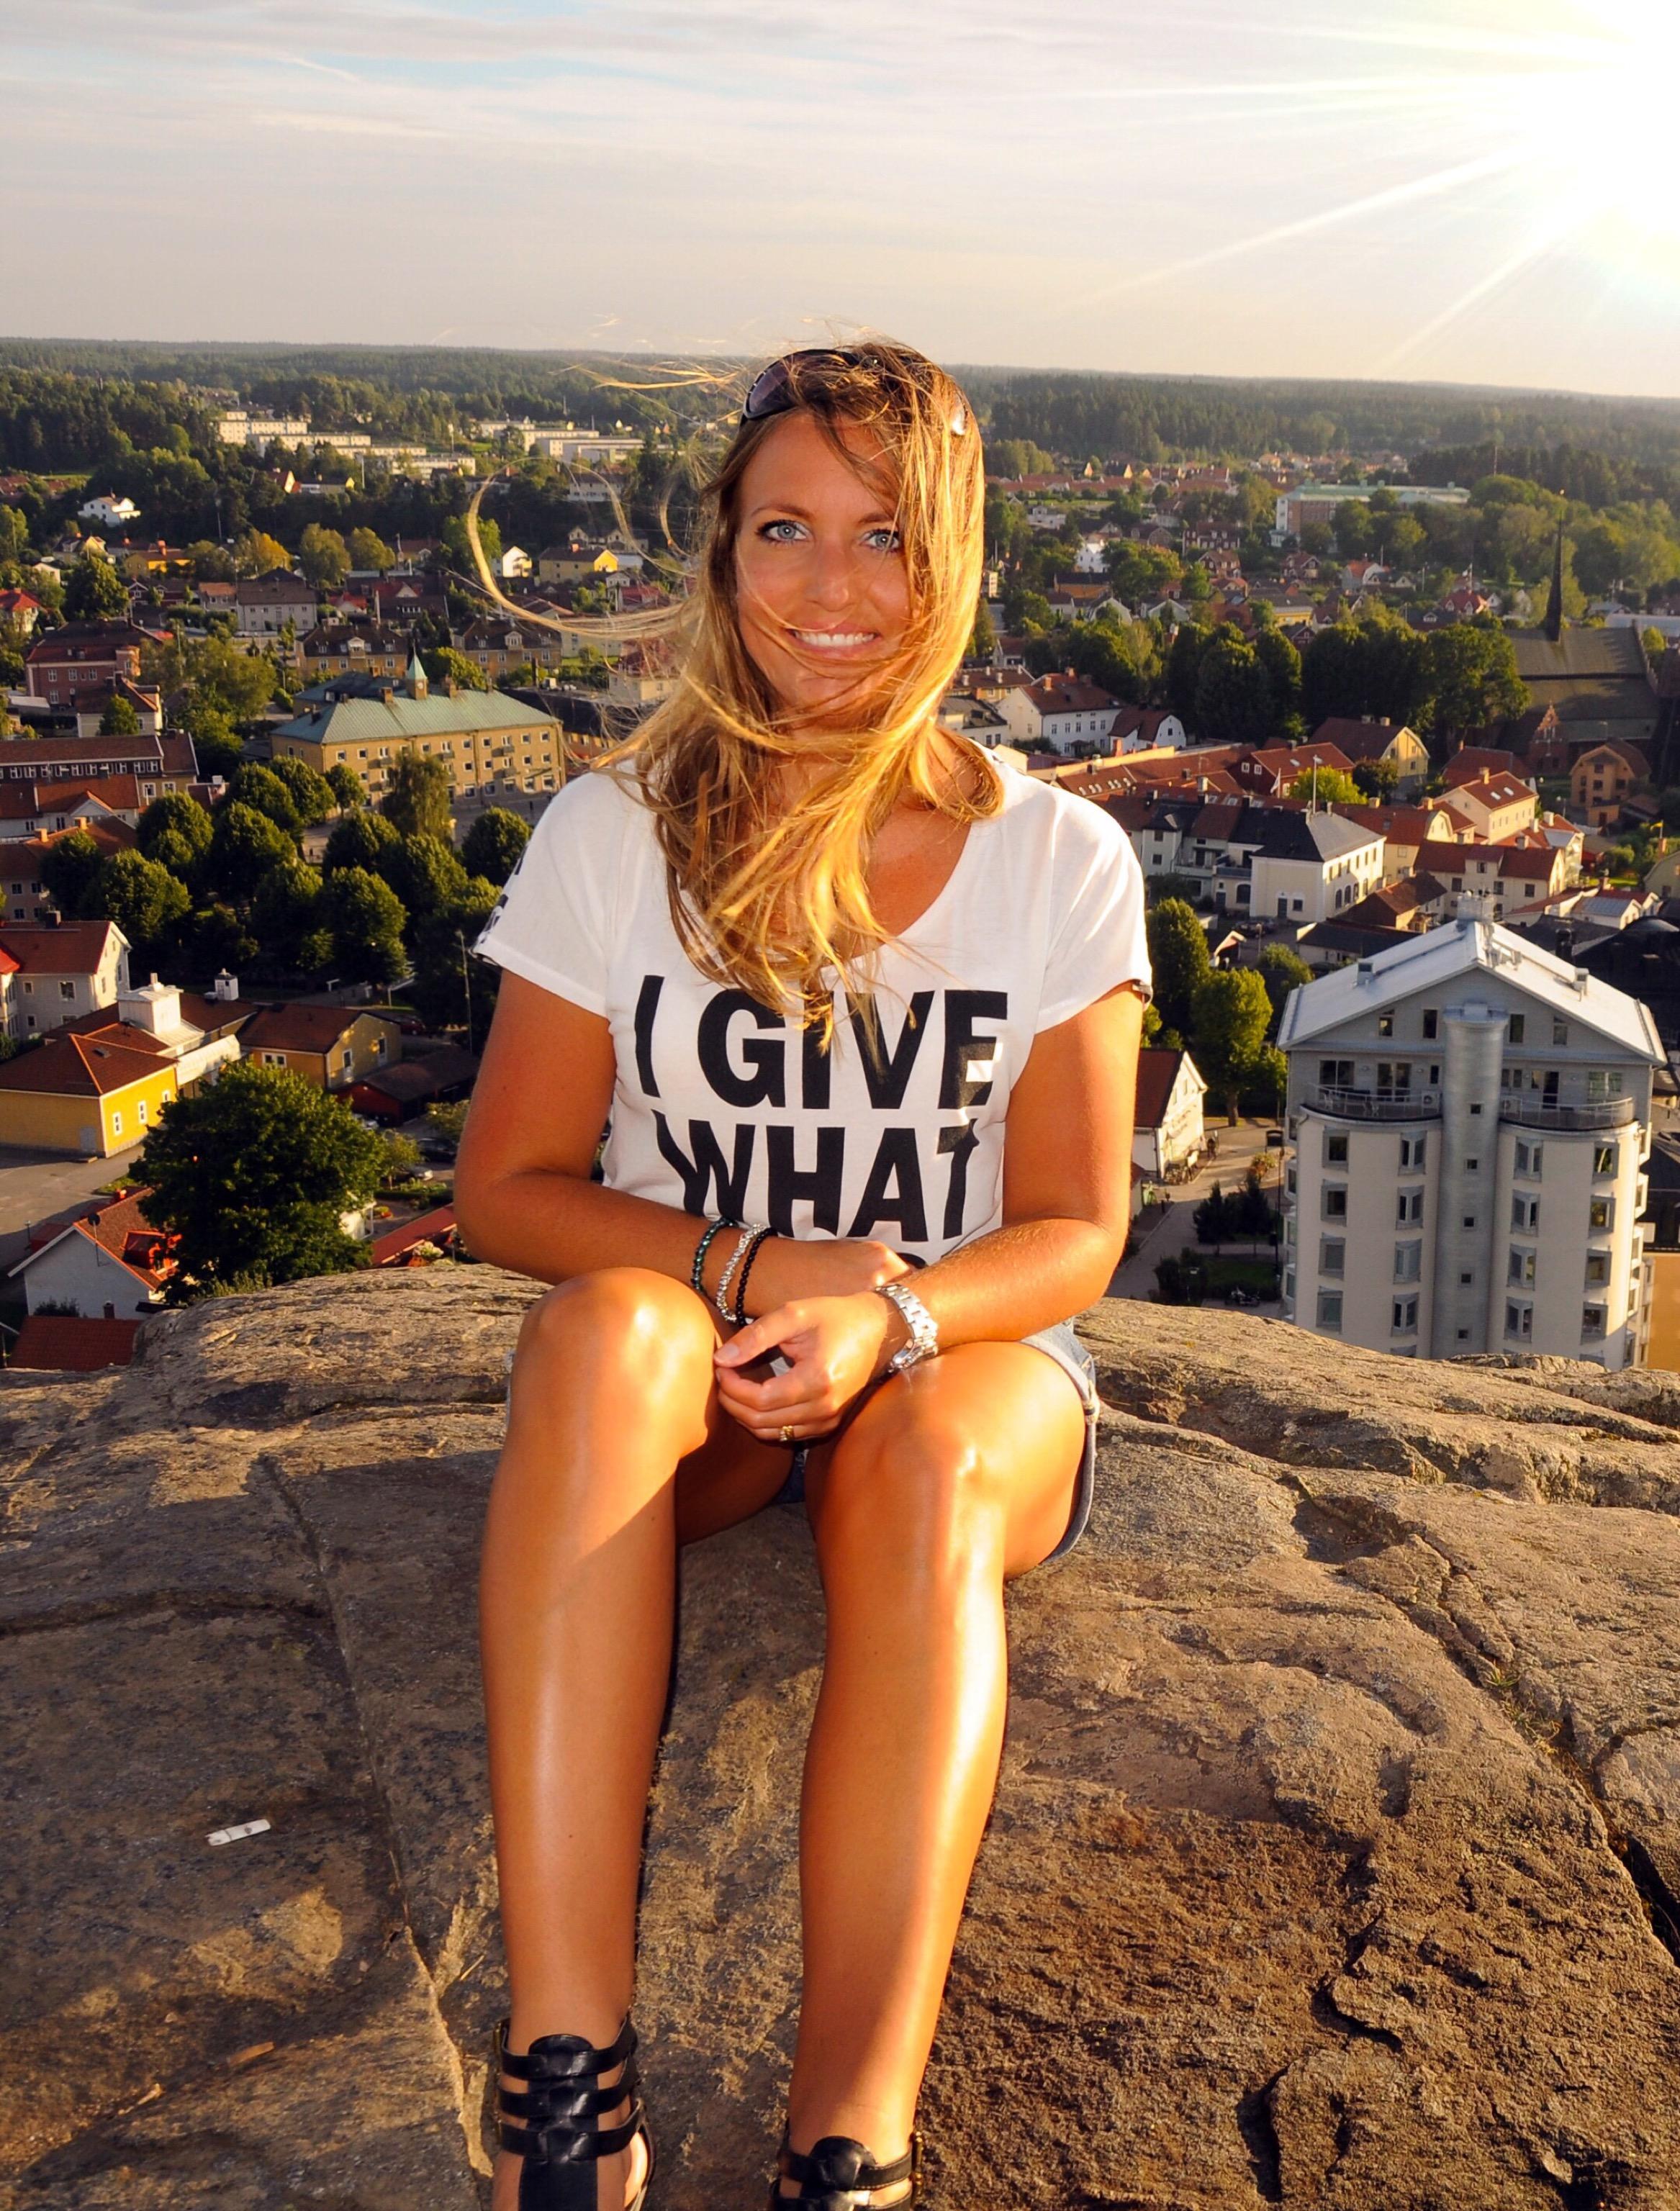 Foap-S_derk_ping__Sweden